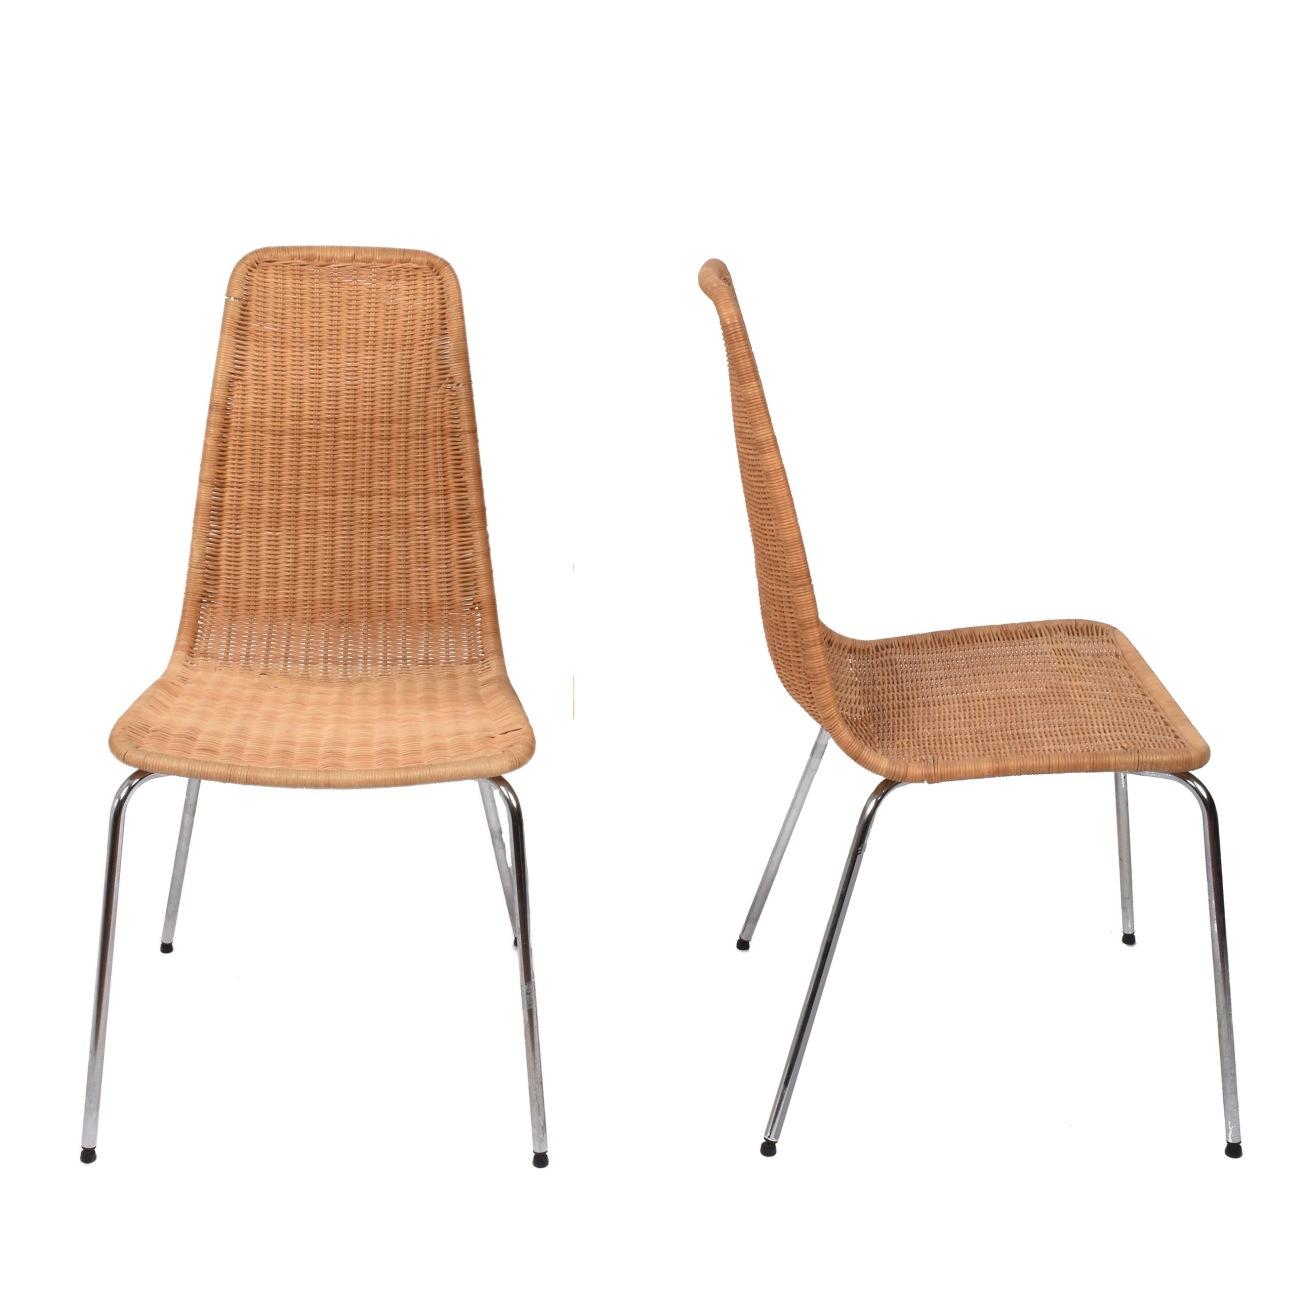 Sedie In Midollino.Sedie In Midollino E Metallo Cromato Italia Anni 70